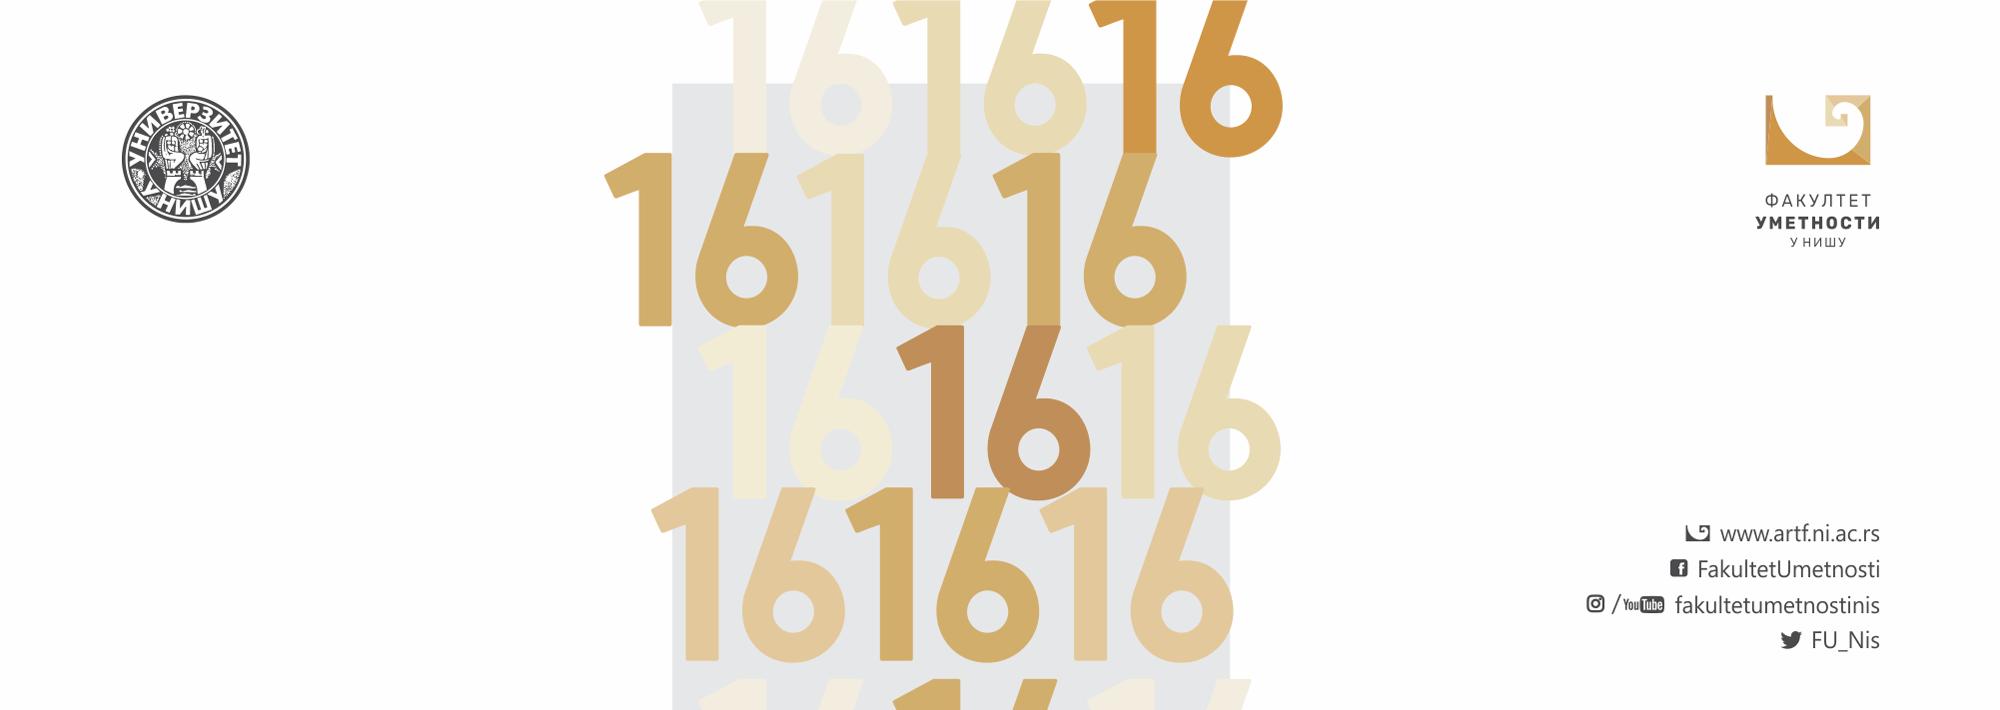 16 гoдинa пoстojaњa и рaдa Фaкултeта умeтнoсти Унивeрзитeтa у Нишу